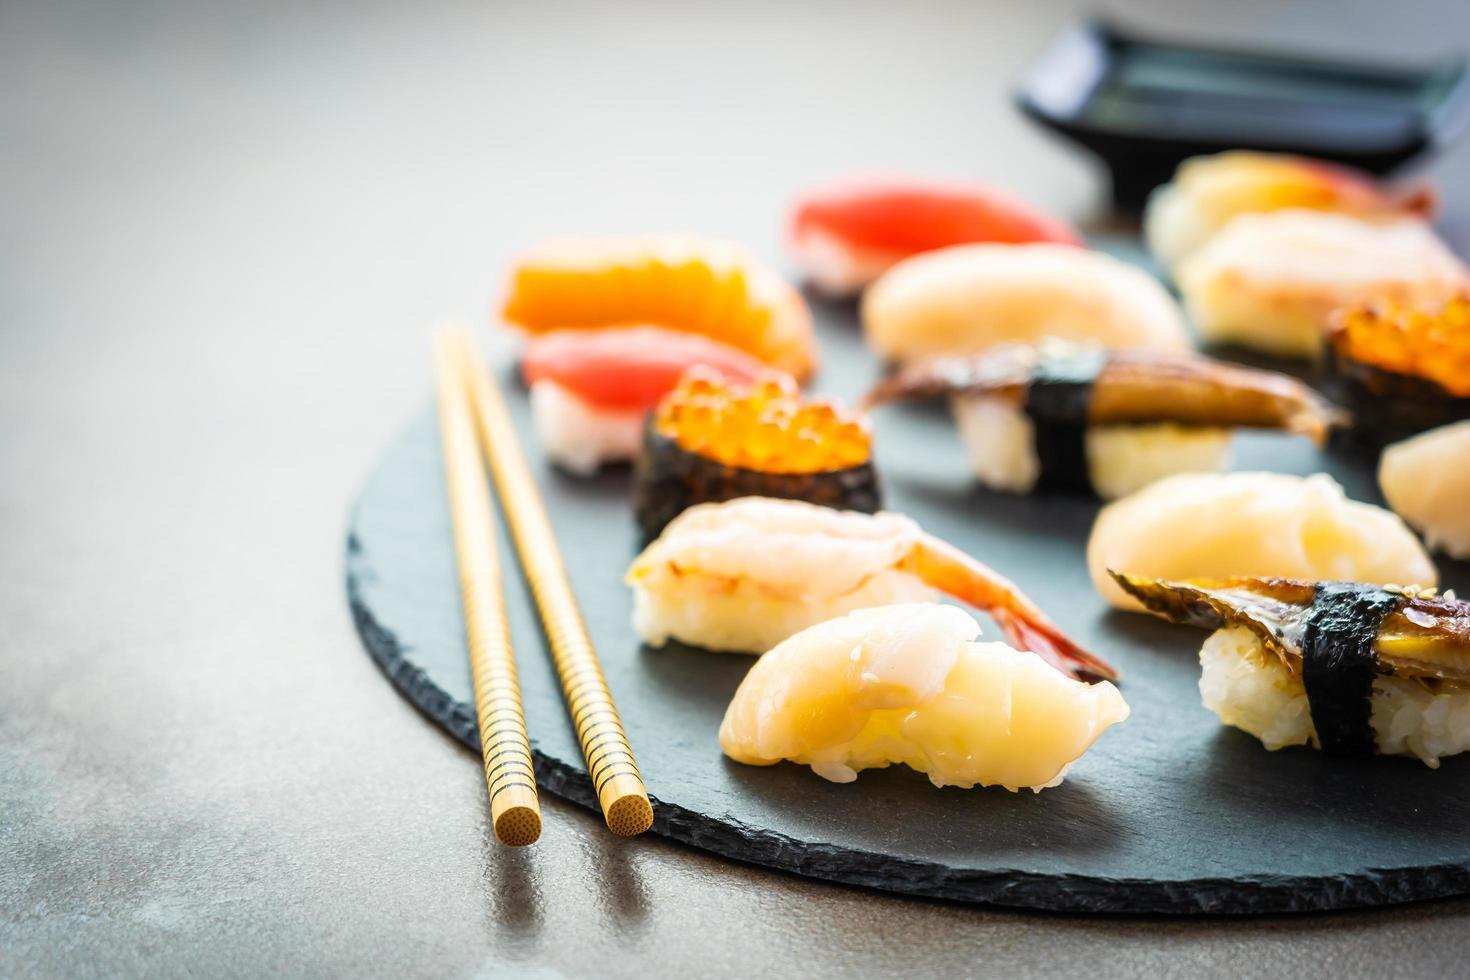 sushi nigiri con salmón, atún, camarones, langostinos, anguila, concha y otros sashimi foto